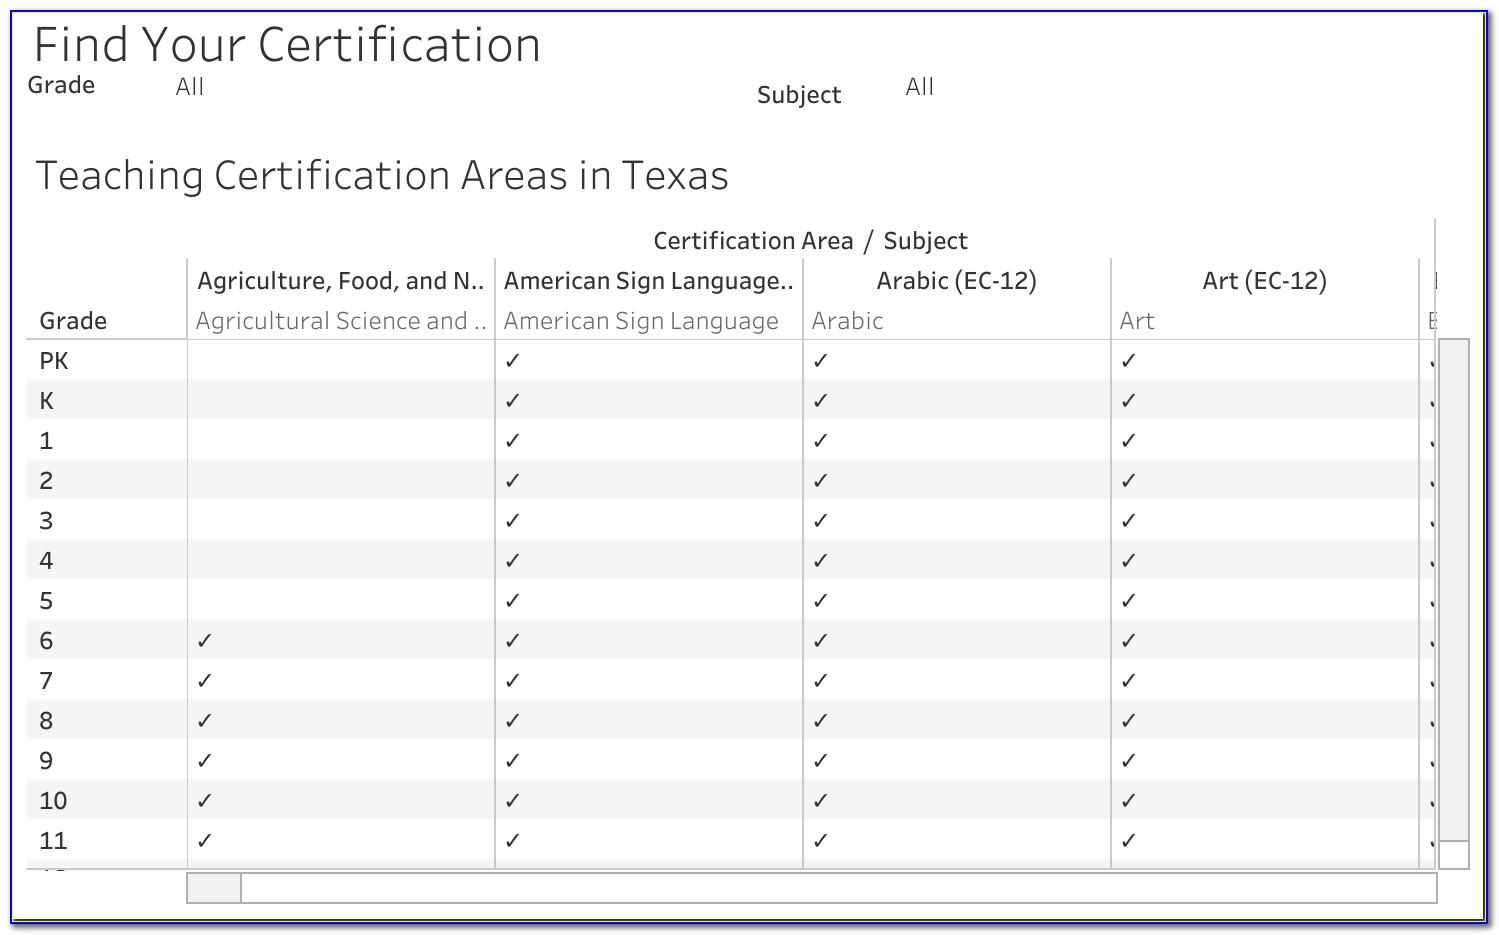 Texas Teacher Certification Number Lookup